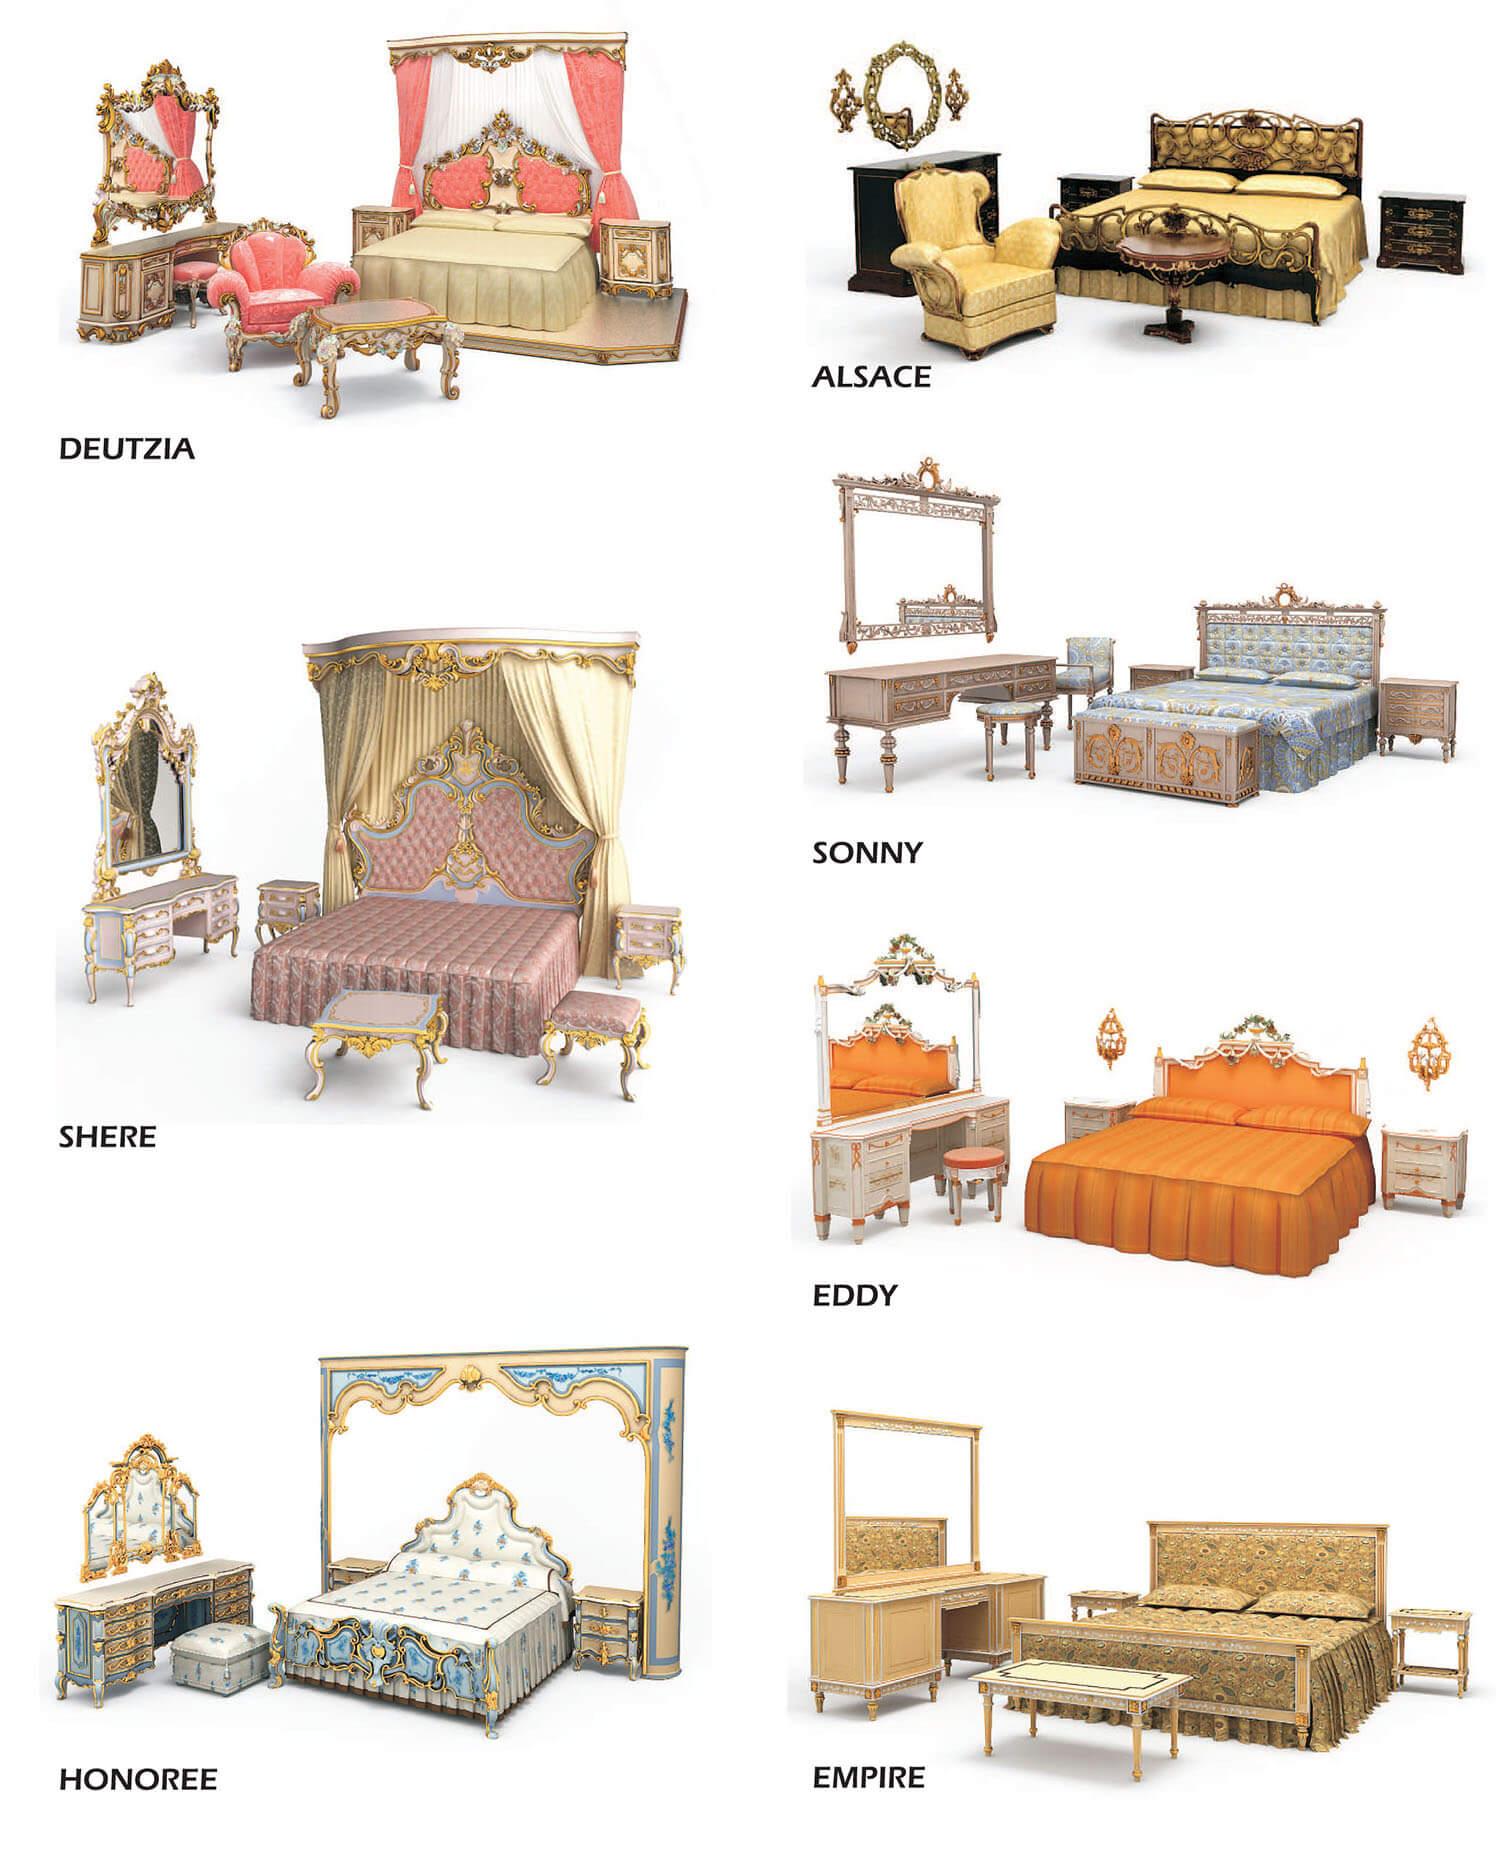 Các mẫu giường và bàn phấn đồng bộ